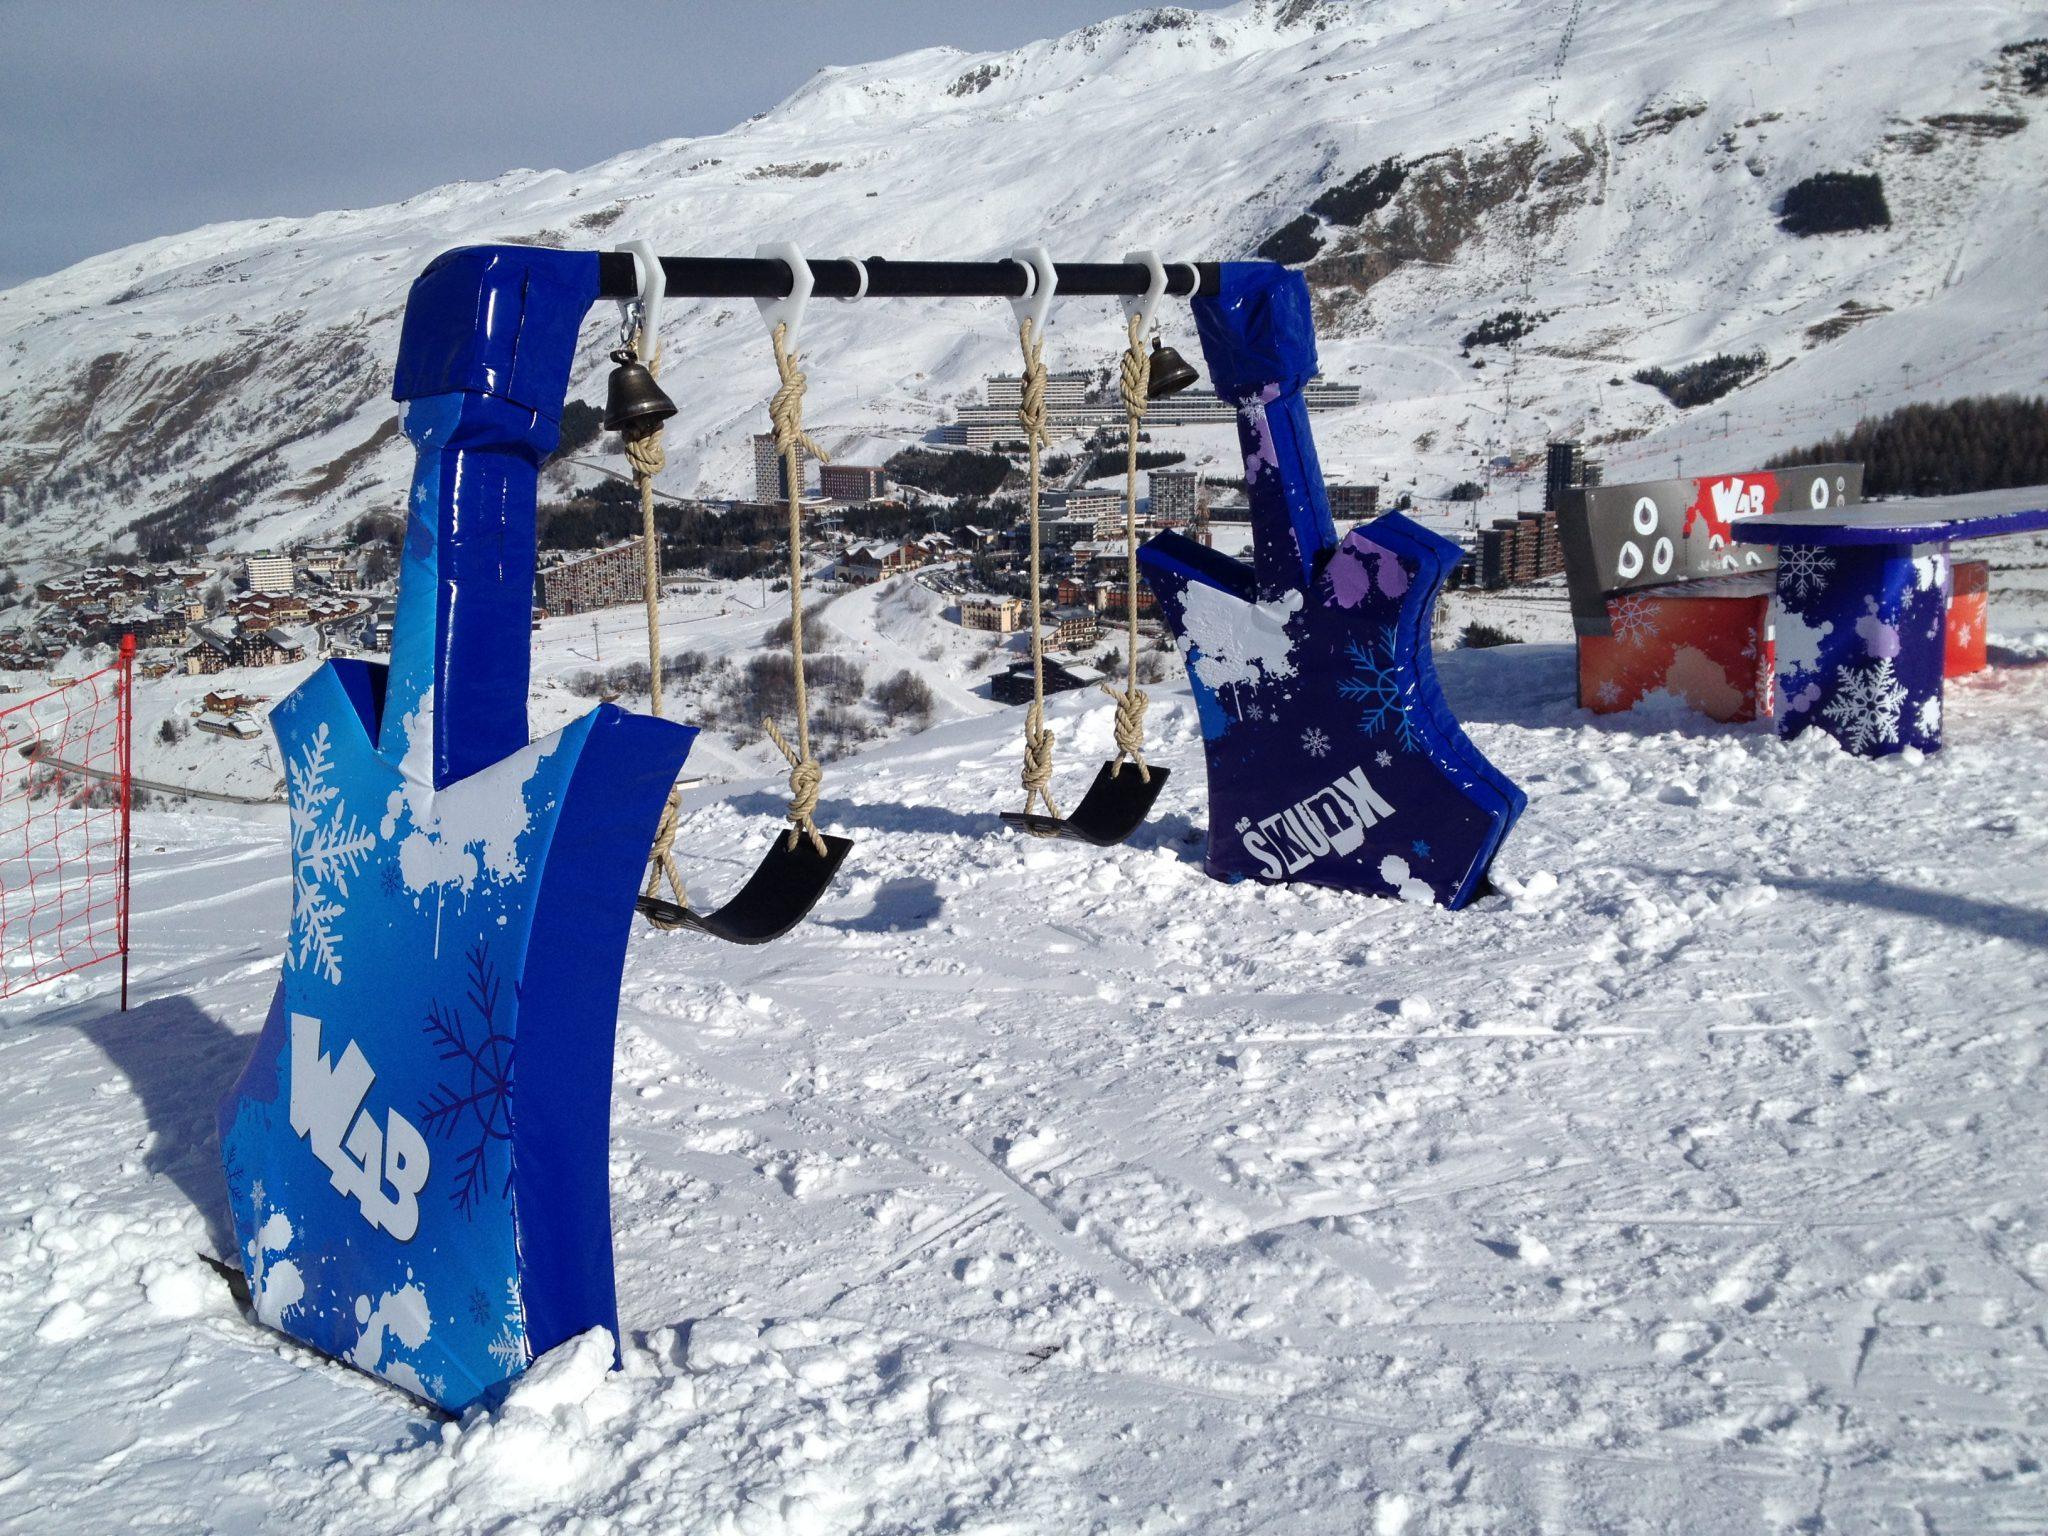 Station de ski les menuieres